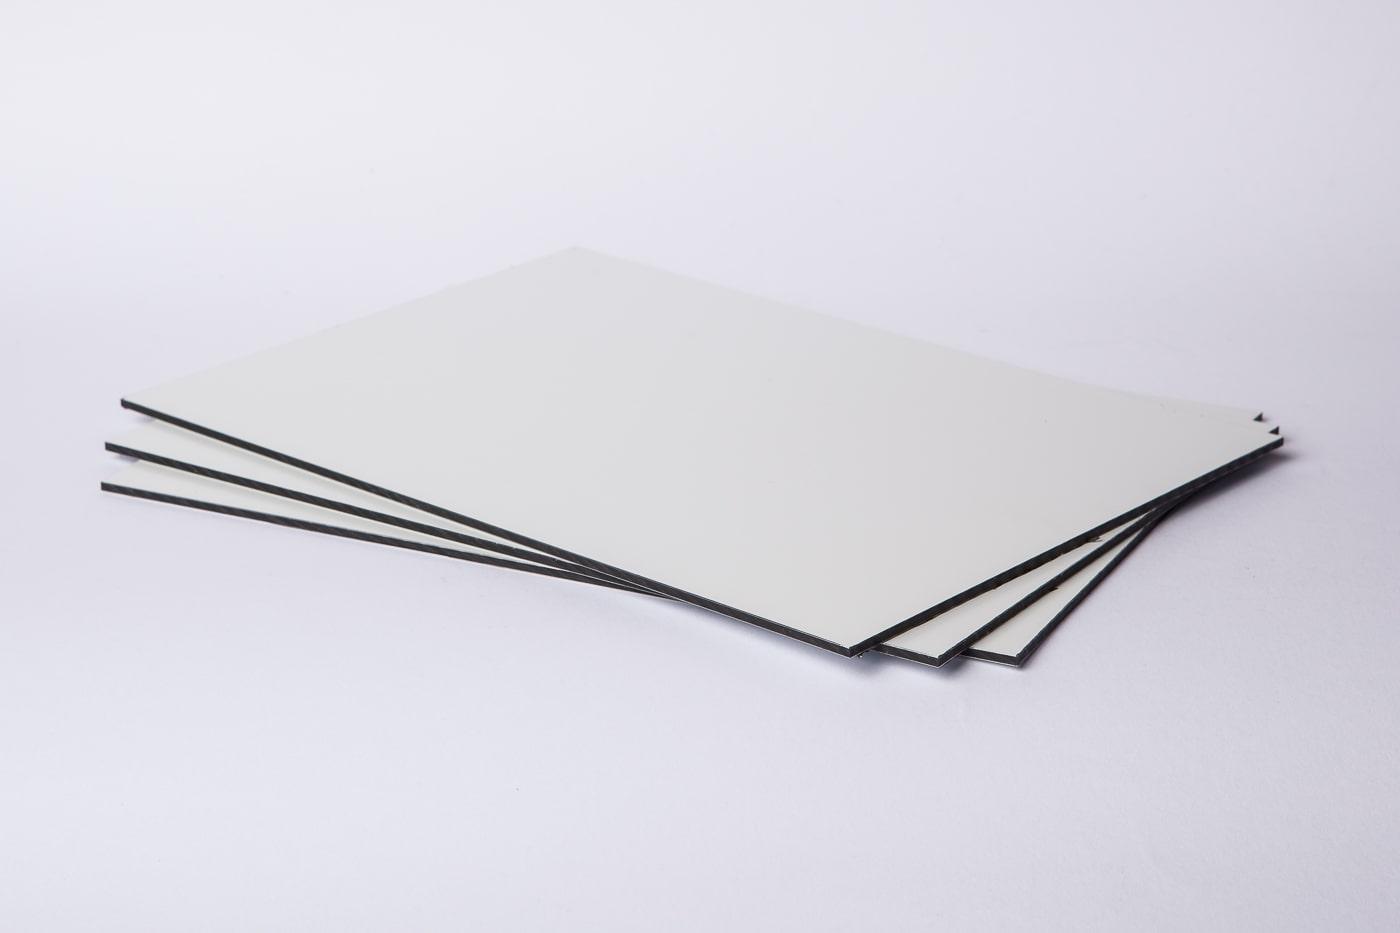 Eine Aufnahme eines Stapels Etalbond d2 Aluminiumverbundplatten mit weißer Deckschicht